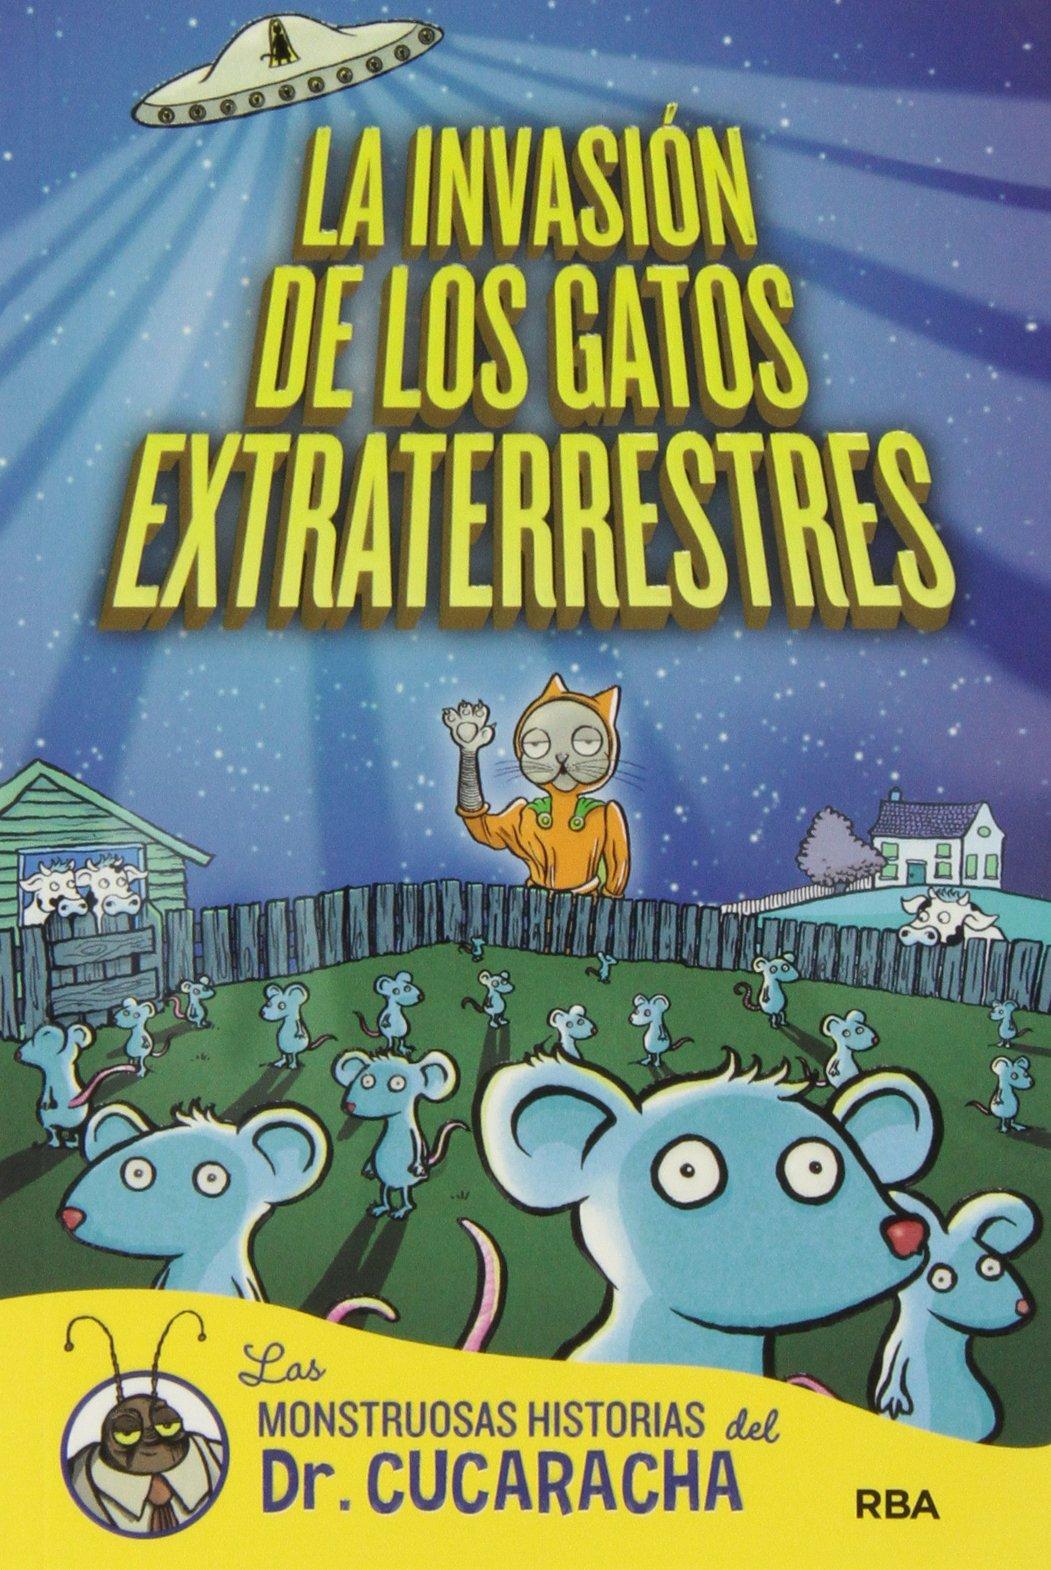 La invasión de los gatos extraterrestres (Spanish) Paperback – October 10, 2013